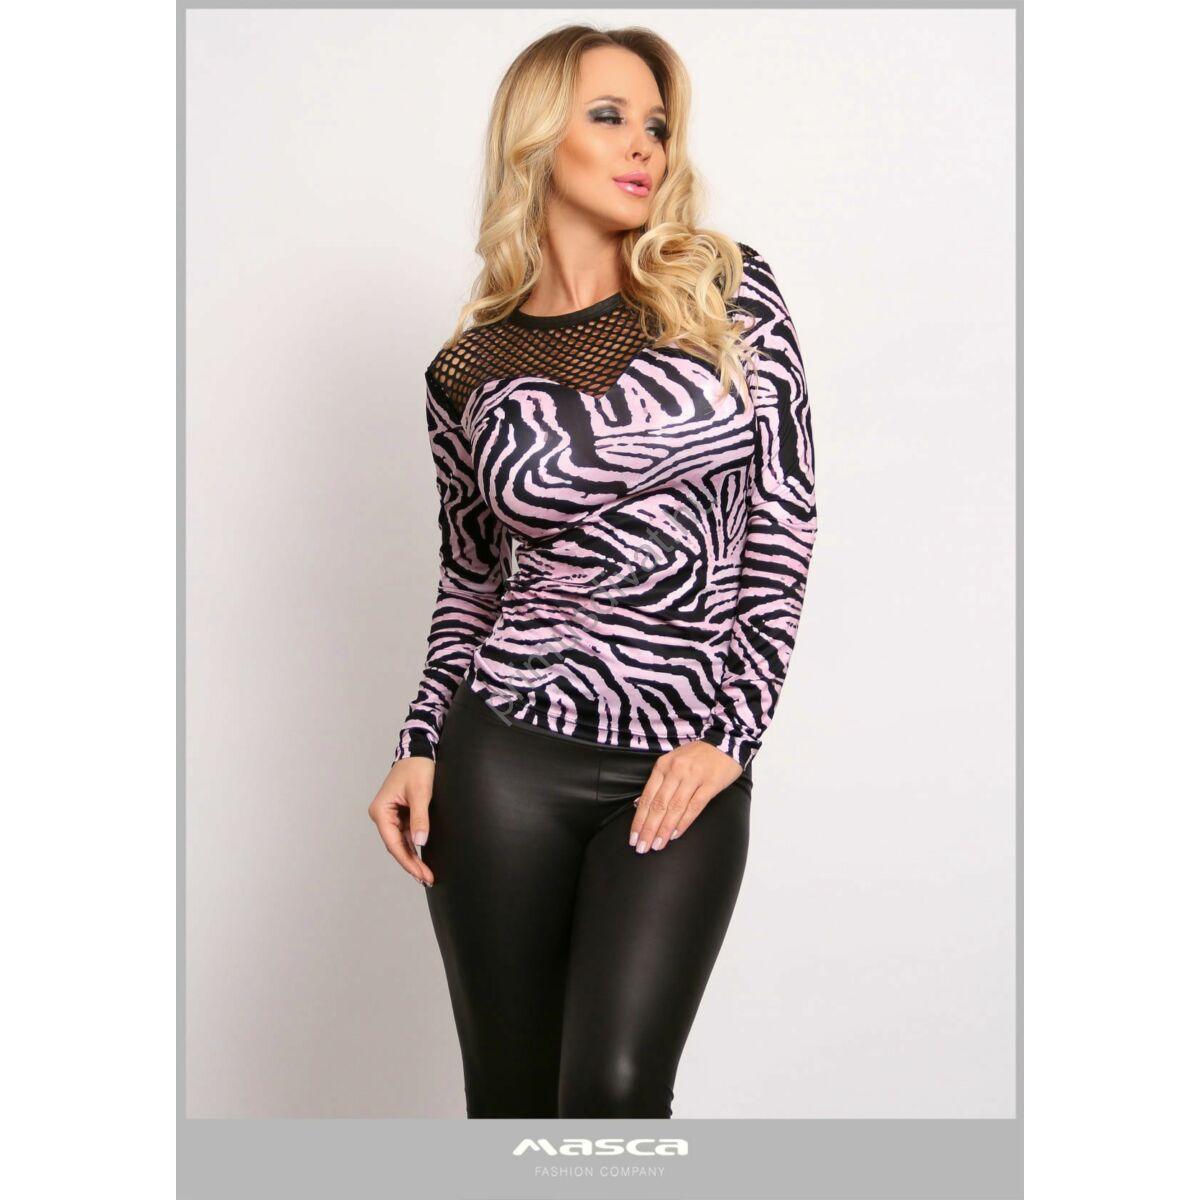 Masca Fashion környakas, necc betétes vállú rózsaszín-fekete zebracsíkos szűk hosszú ujjú felső